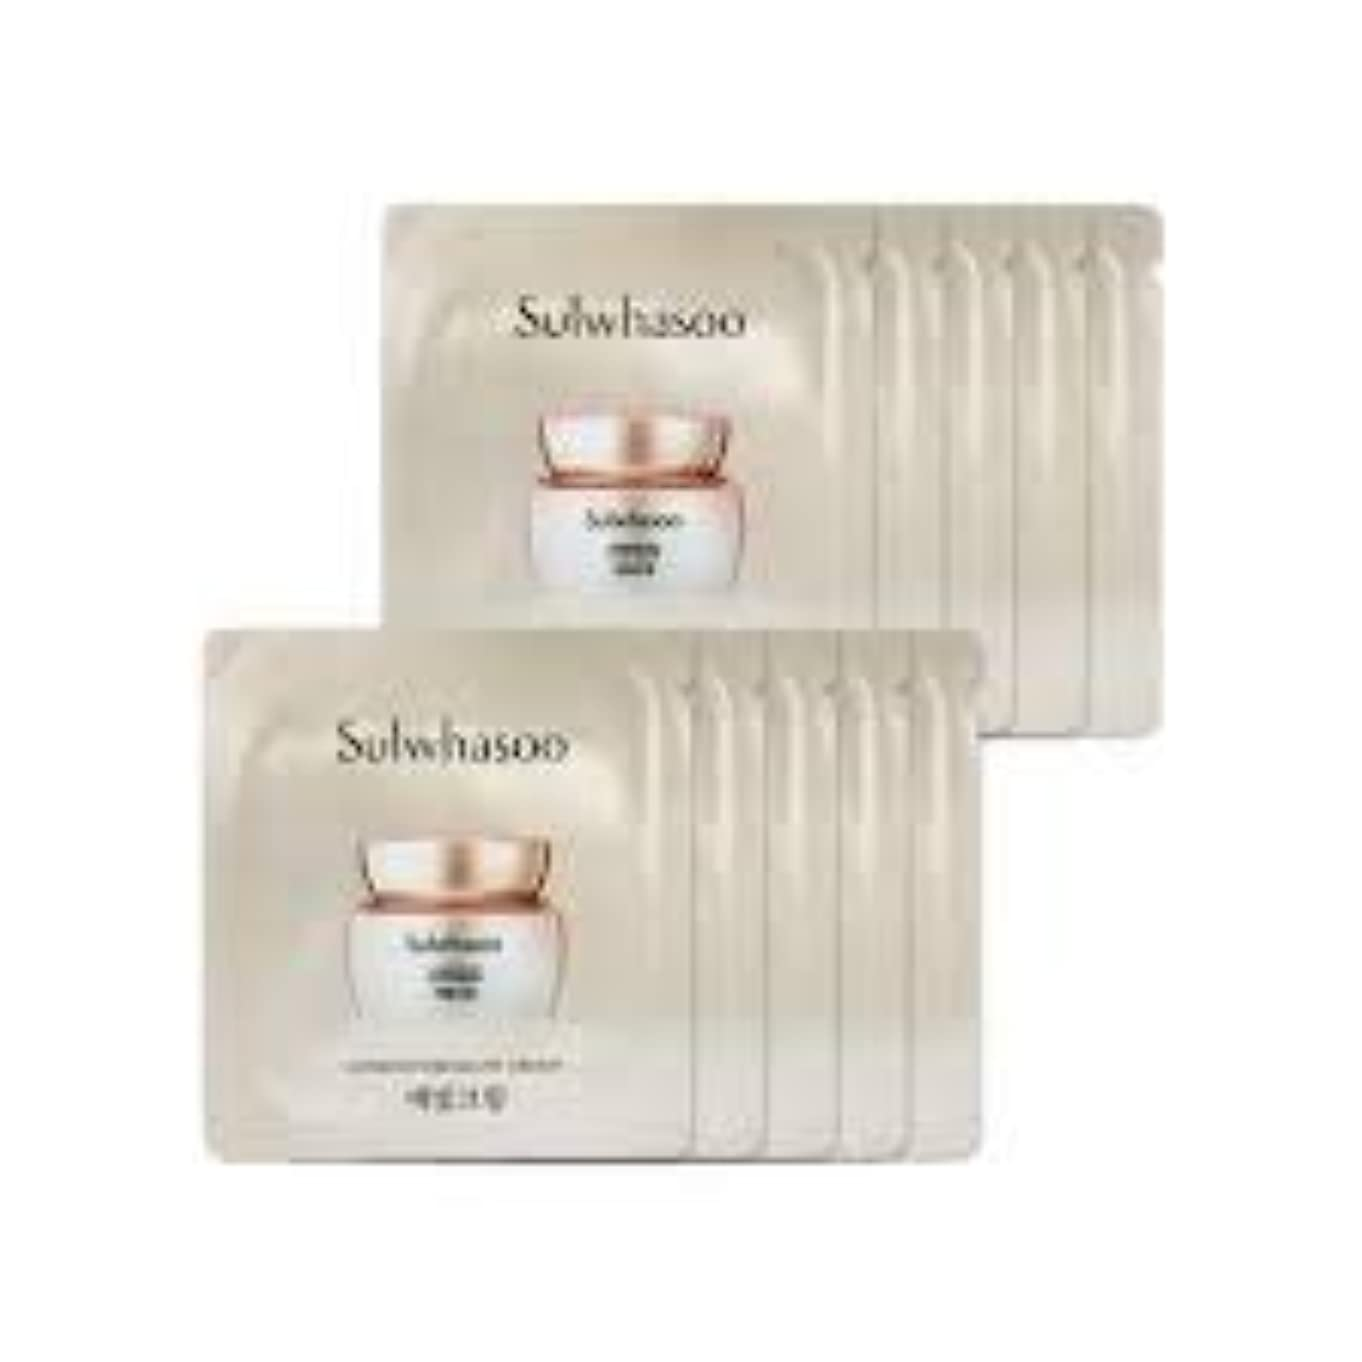 動く拘束柱[ソルファス ] Sulwhasoo (雪花秀) ルミナチュアグロー Luminature Glow Cream 1ml x 30 (イェビトクリーム) [ShopMaster1]